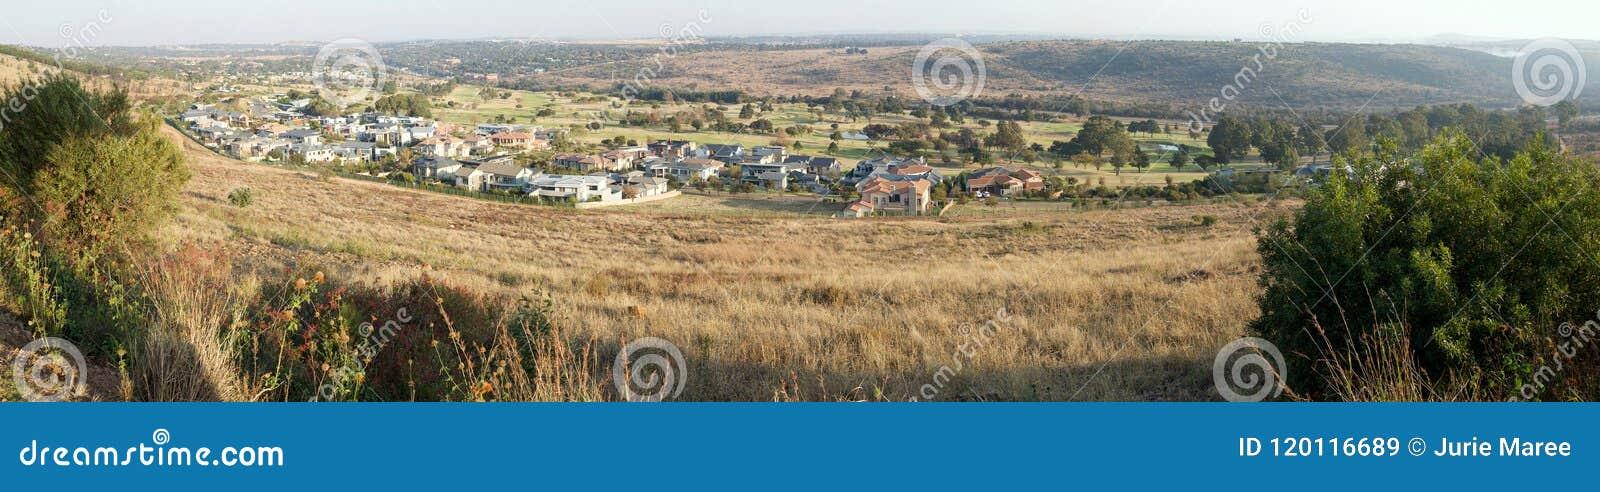 Waterkloof y su campo de golf, Pretoria, Suráfrica